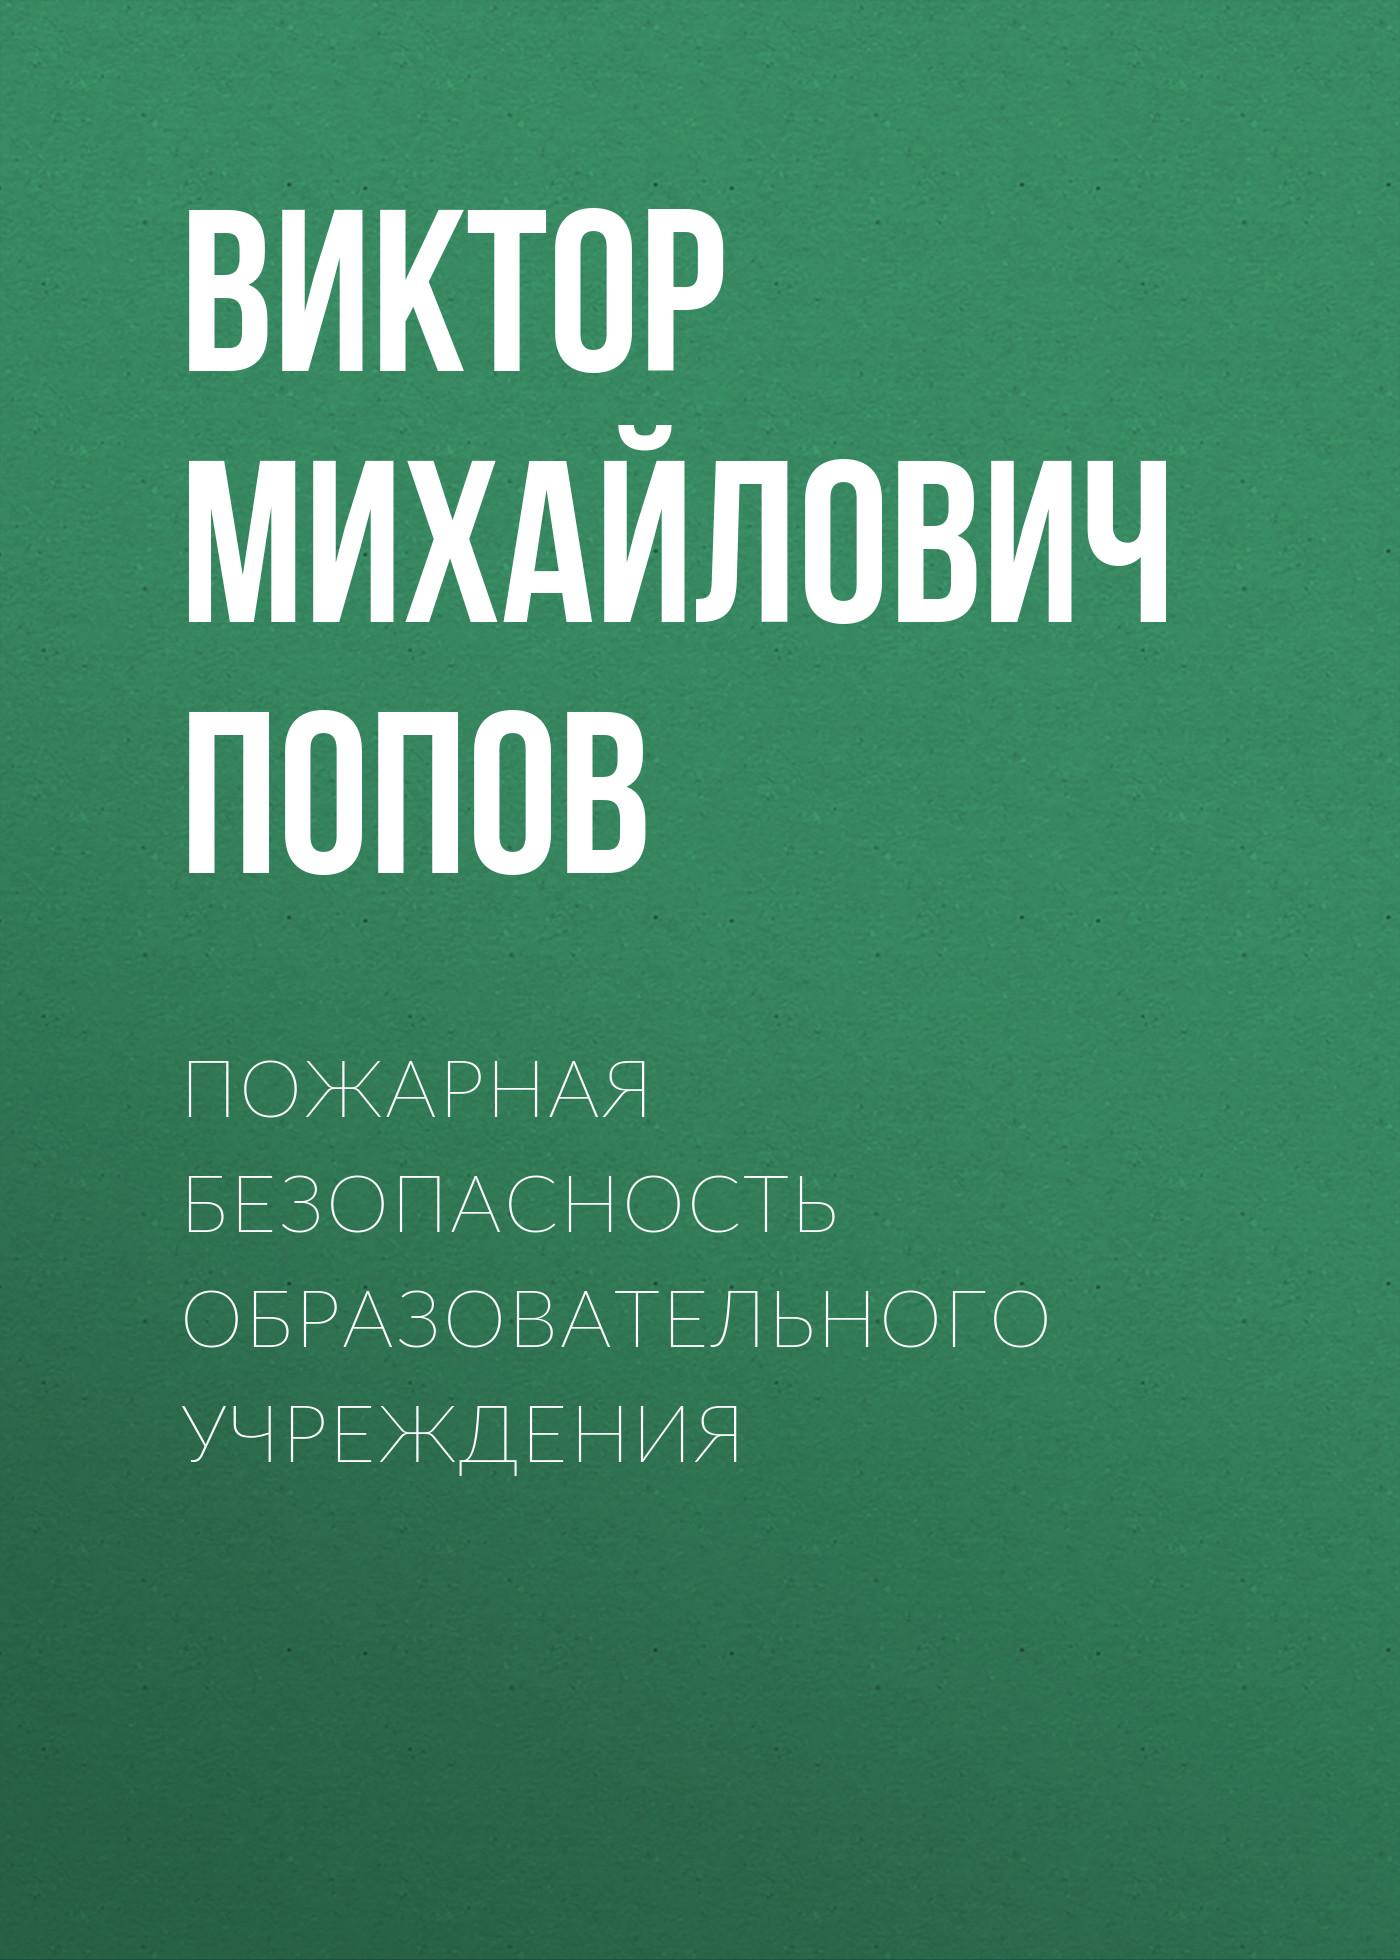 Виктор Михайлович Попов Пожарная безопасность образовательного учреждения с в собурь краткий курс пожарно технического минимума